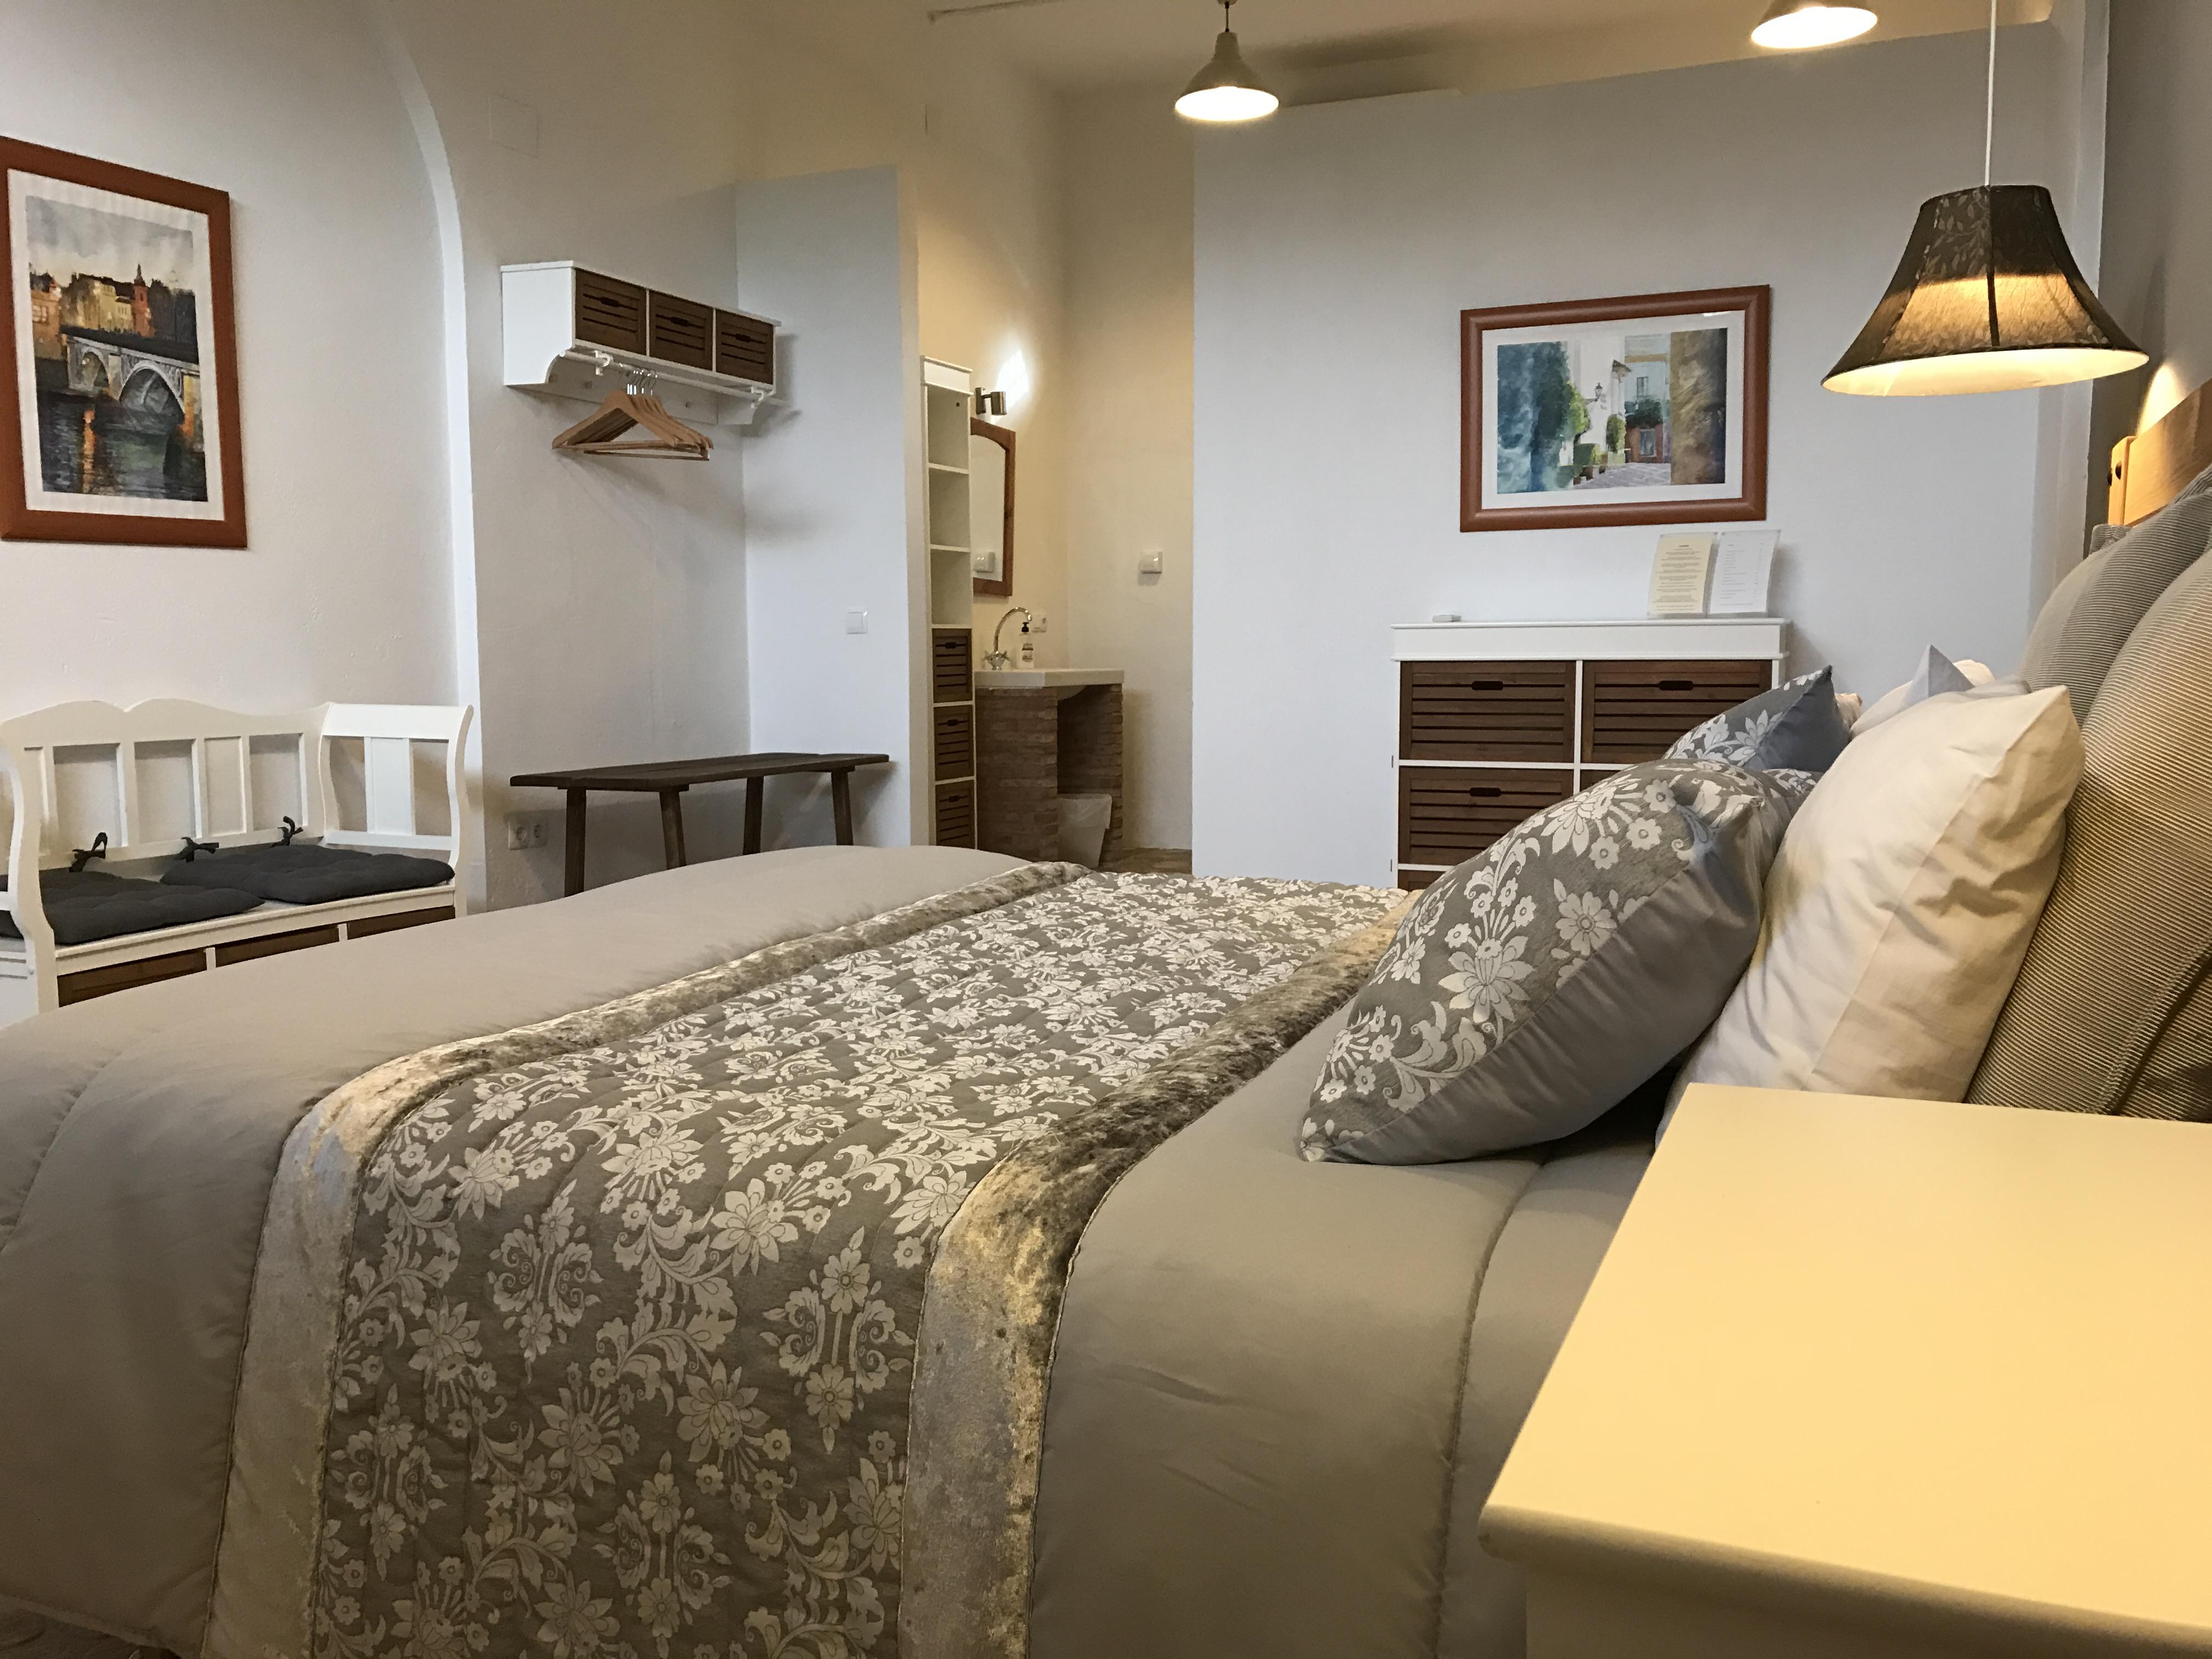 Kamers vakantiehuis casa adelante - Kamer heeft een mager ...